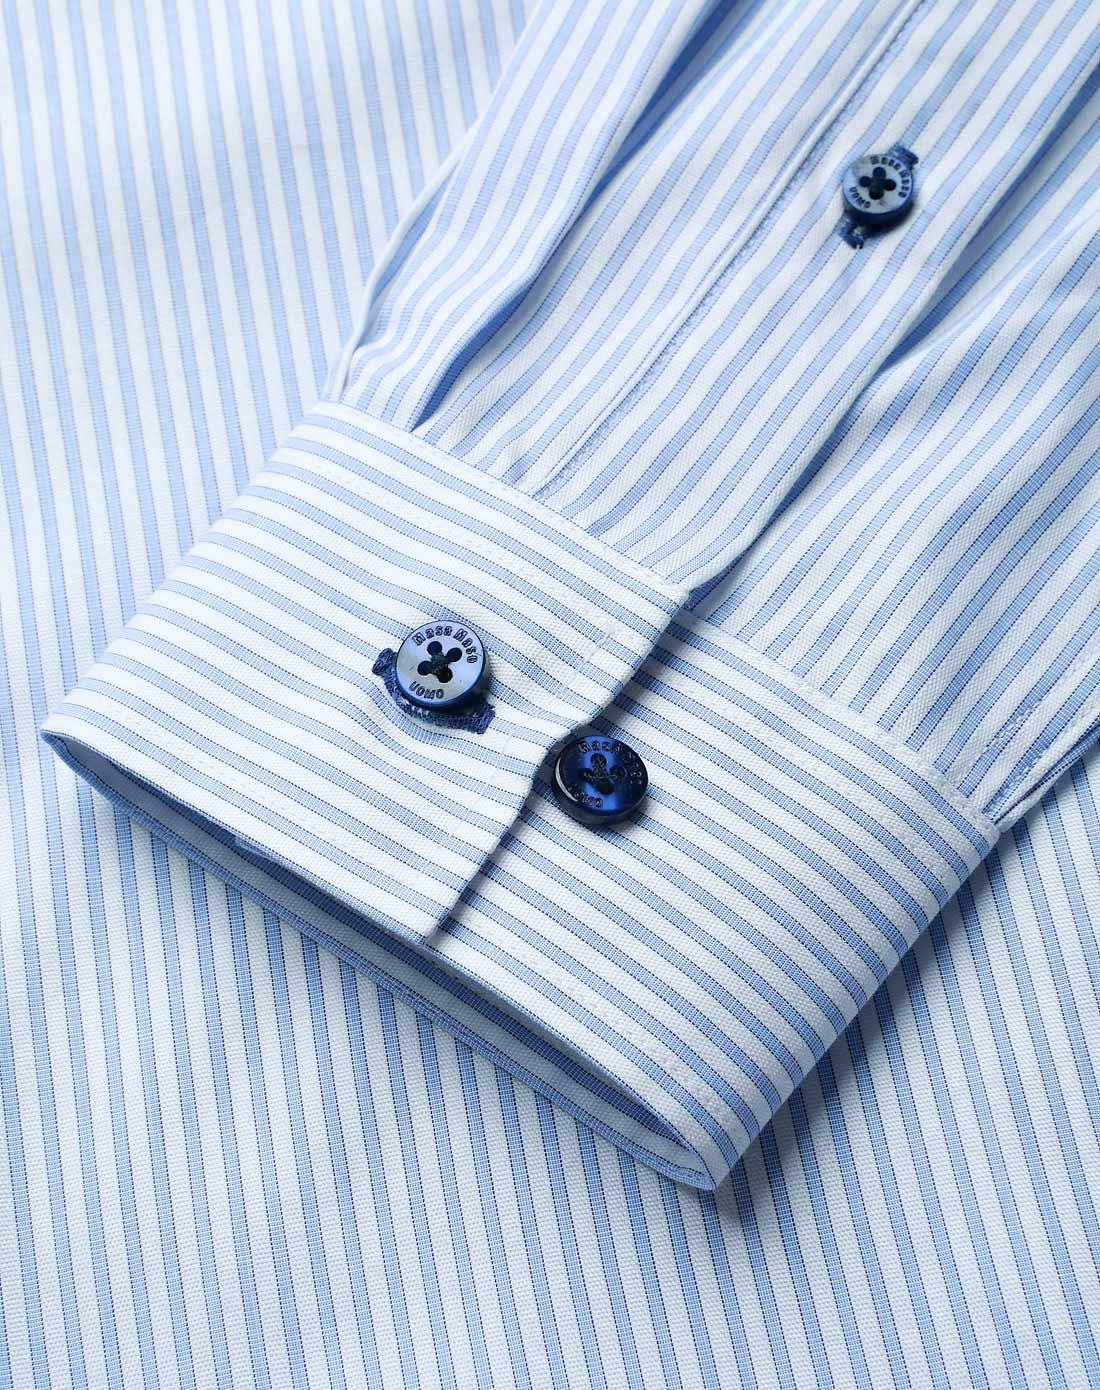 蓝白条纹经典款正装衬衫